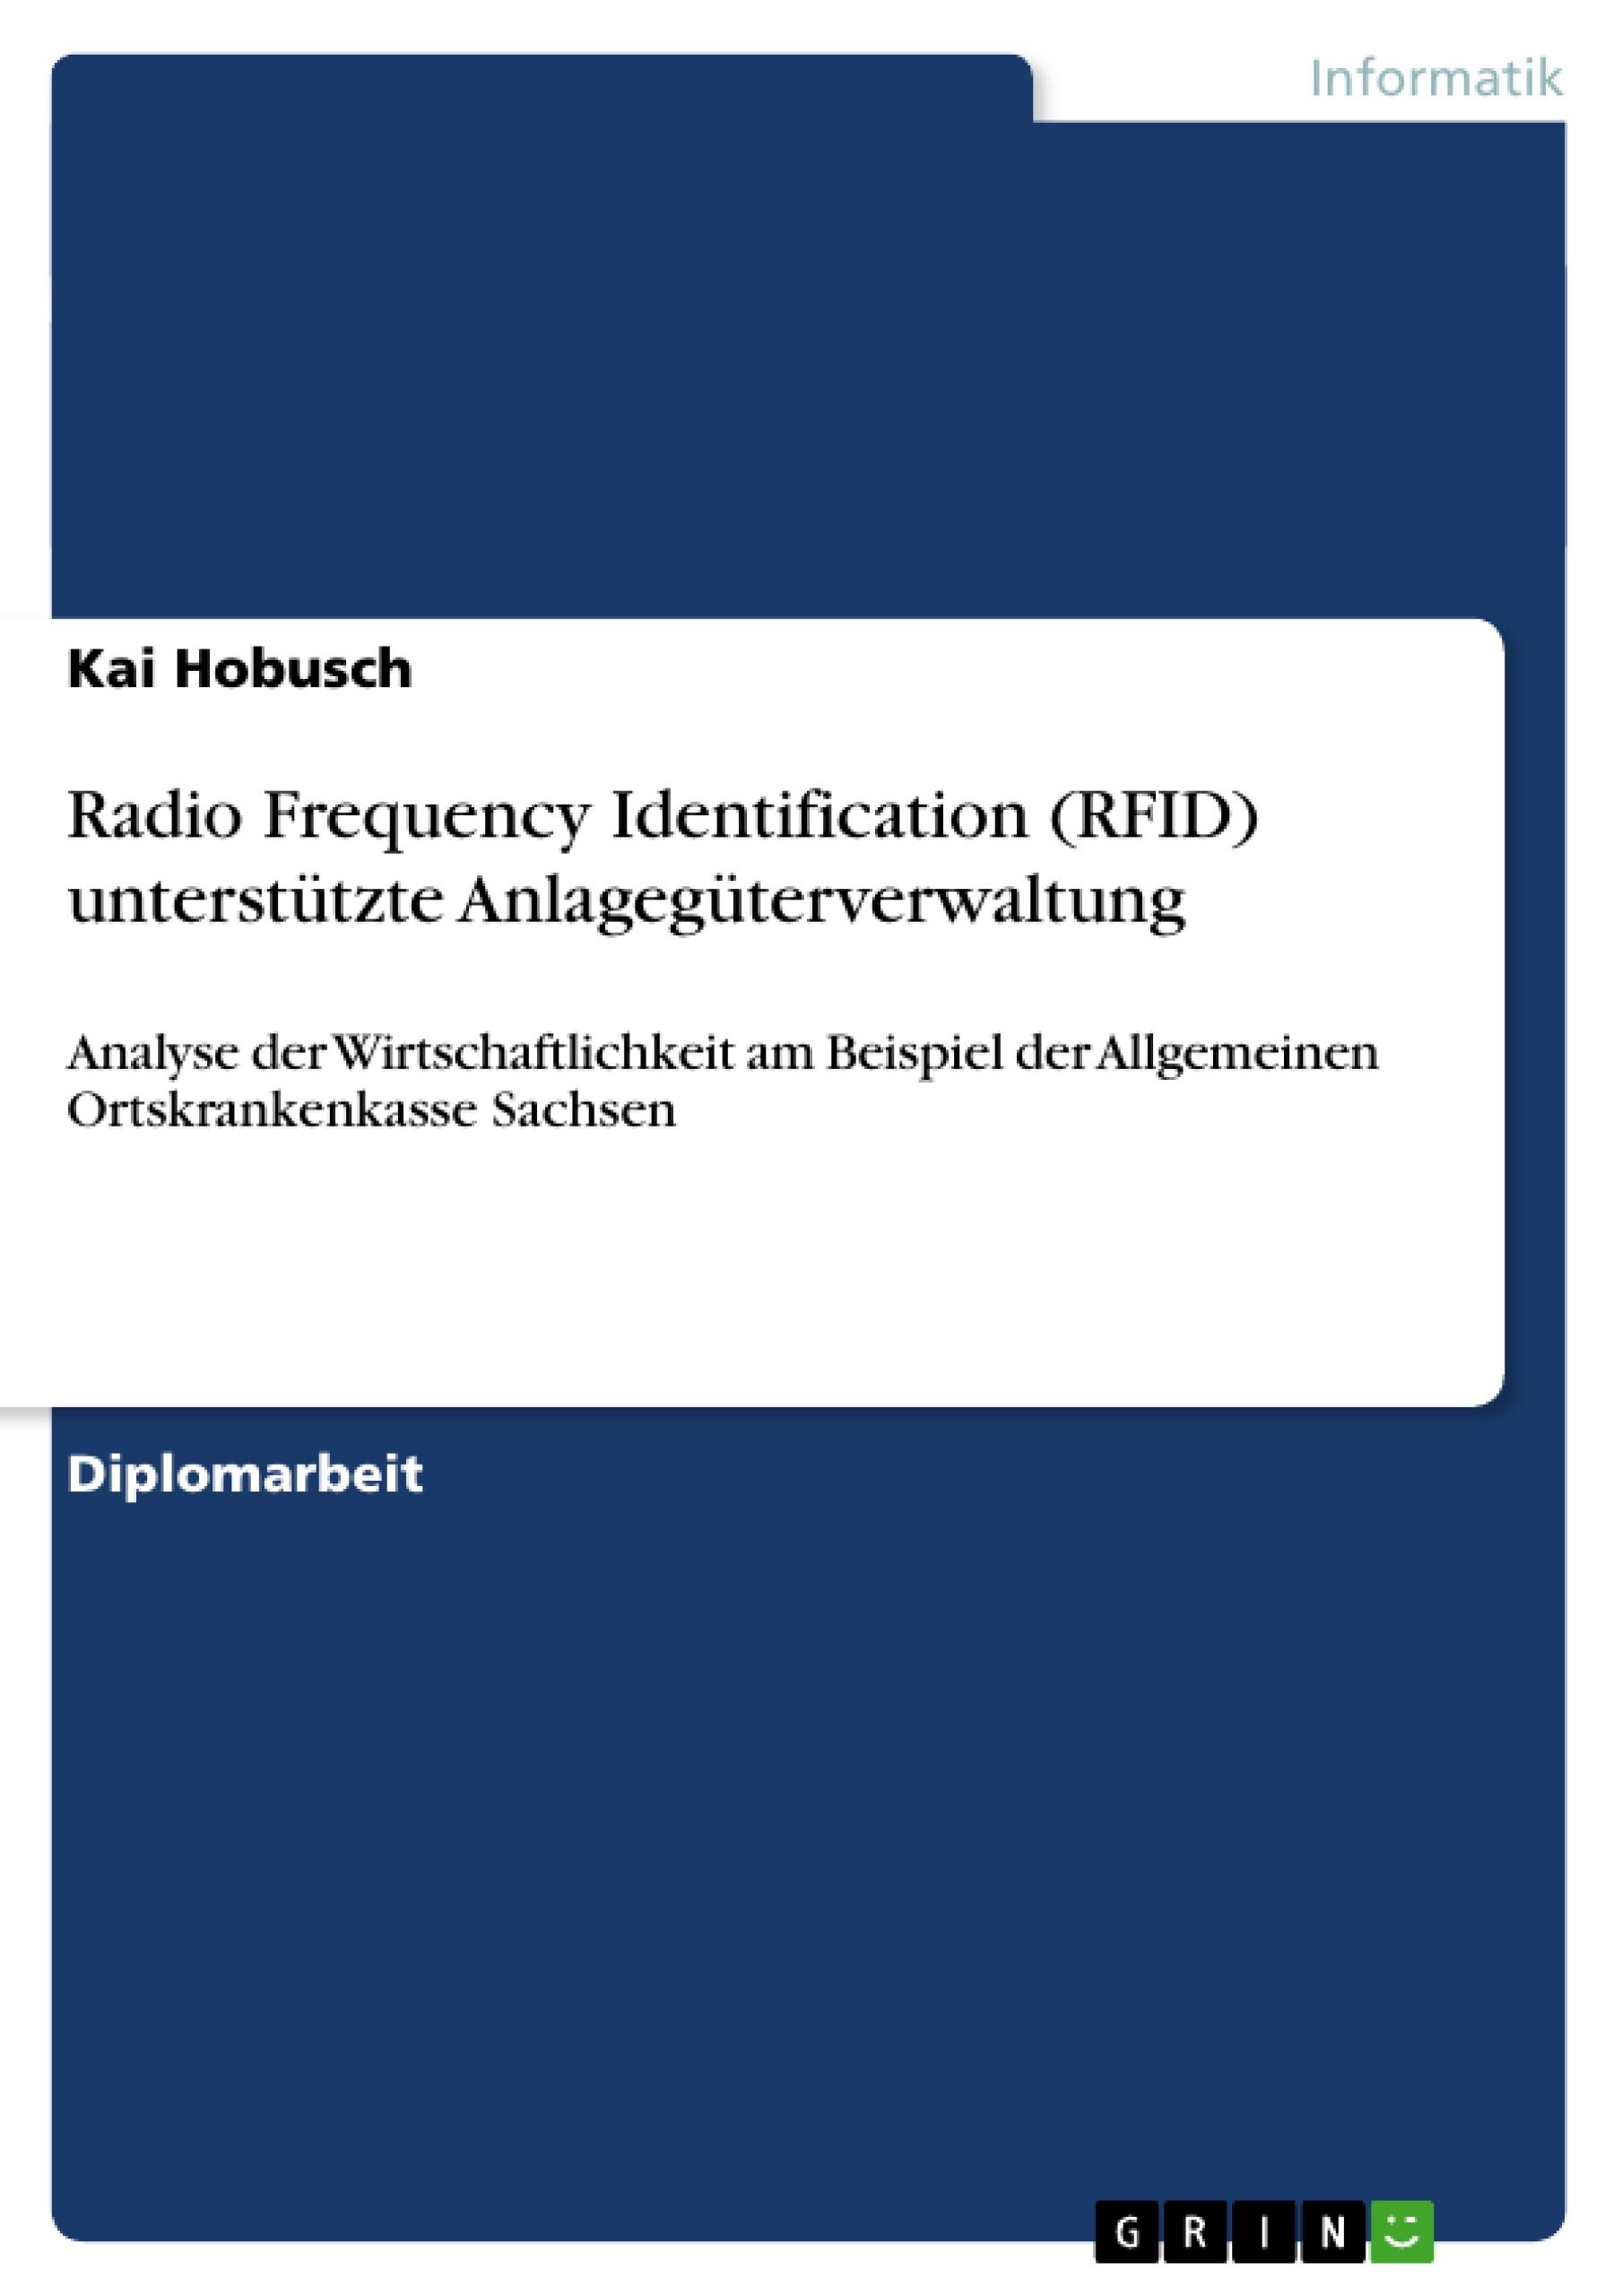 Titel: Radio Frequency Identification (RFID) unterstützte Anlagegüterverwaltung